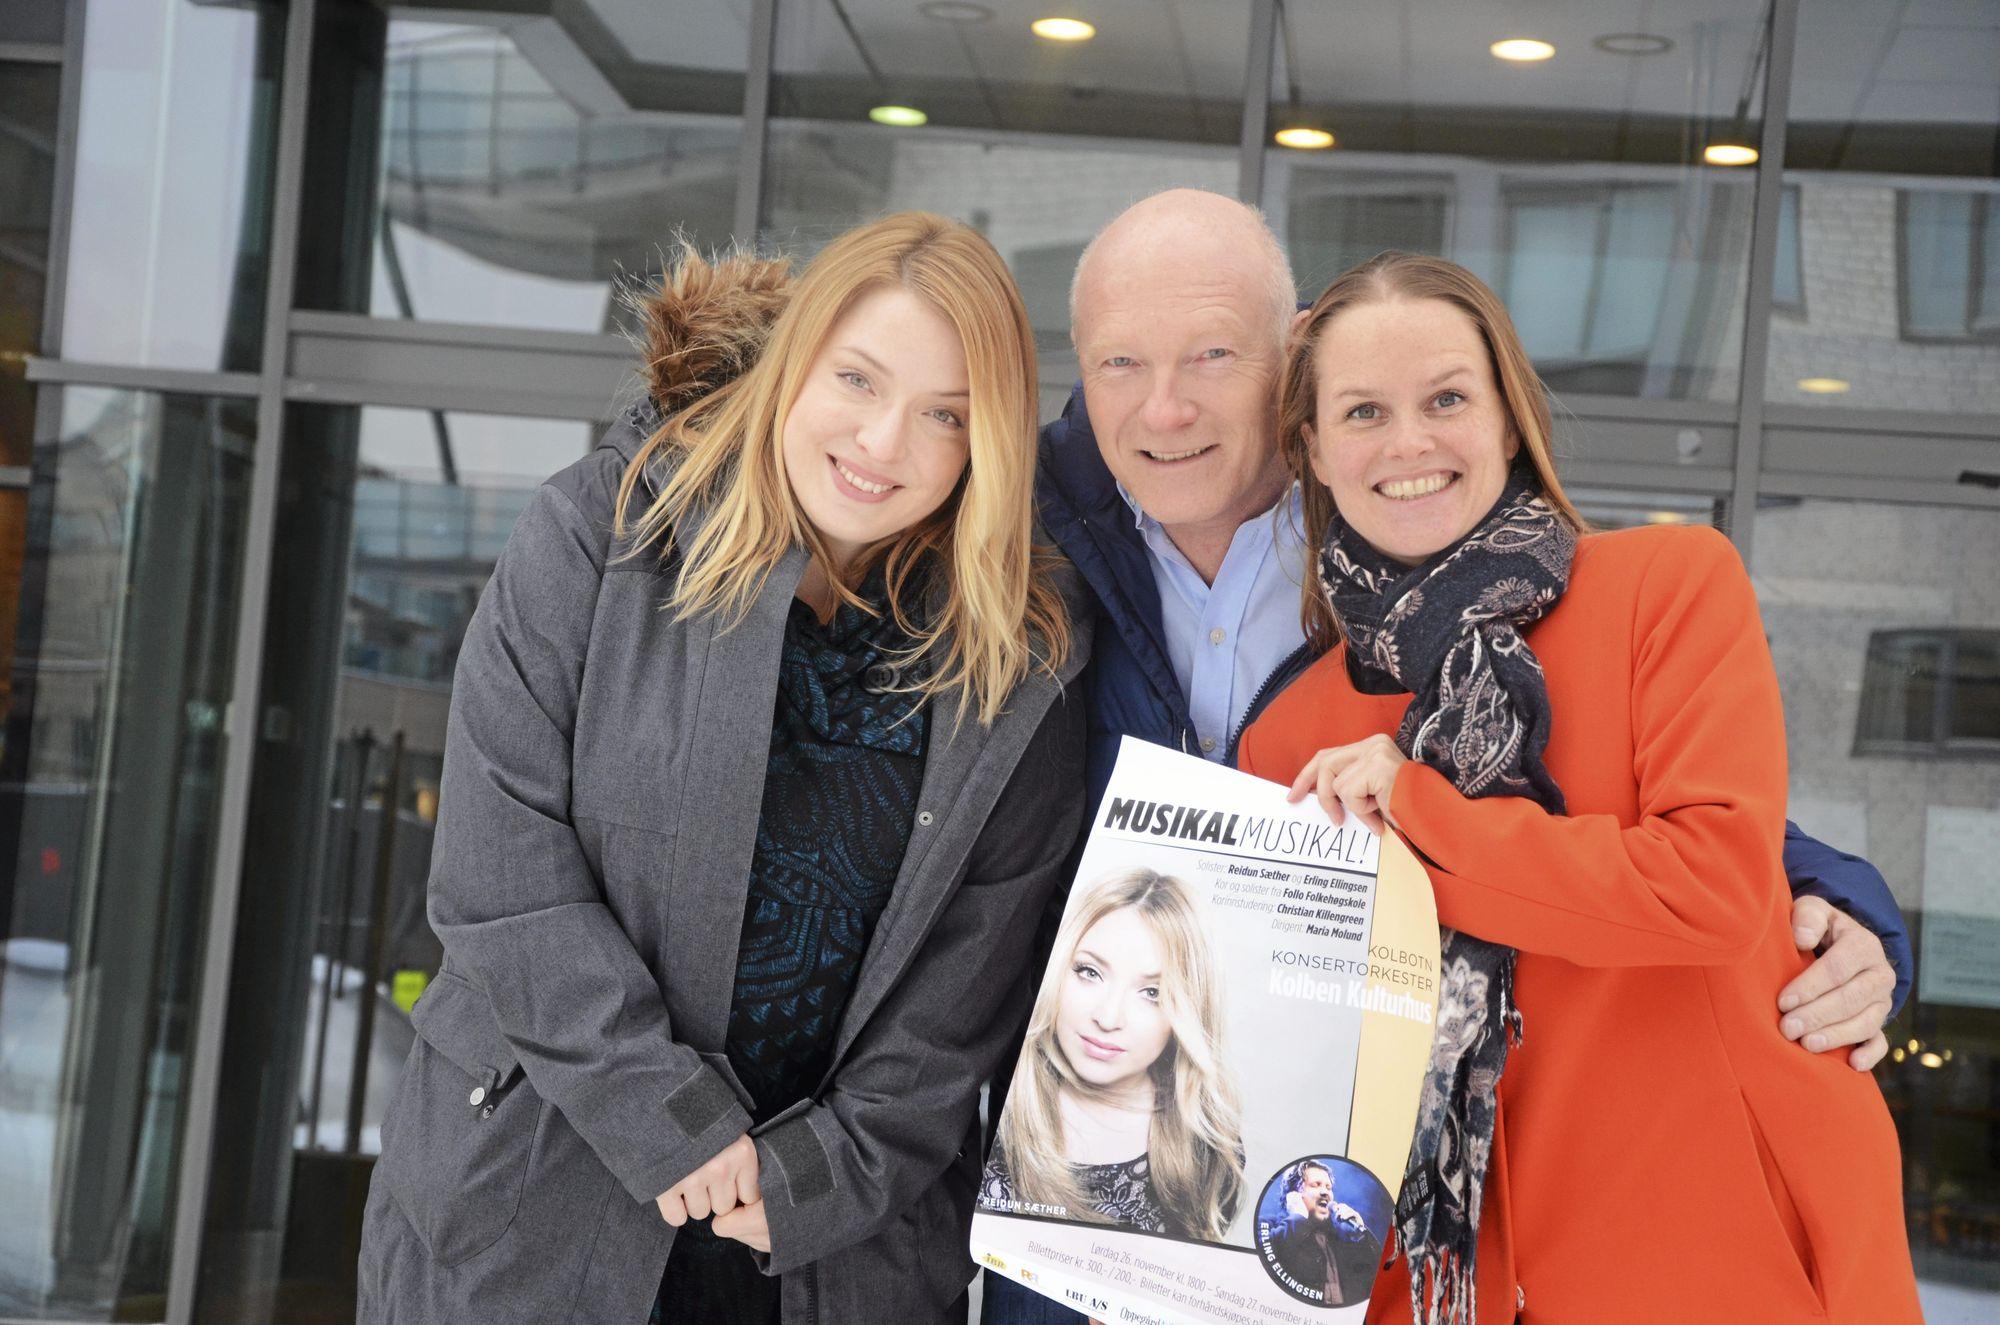 KLARE FOR KONSERT: Reidun Sæther (f.v.), Steinar Eriksen og Maria Molund i KoKo er klare for å underholde folket med musikalske hiter!